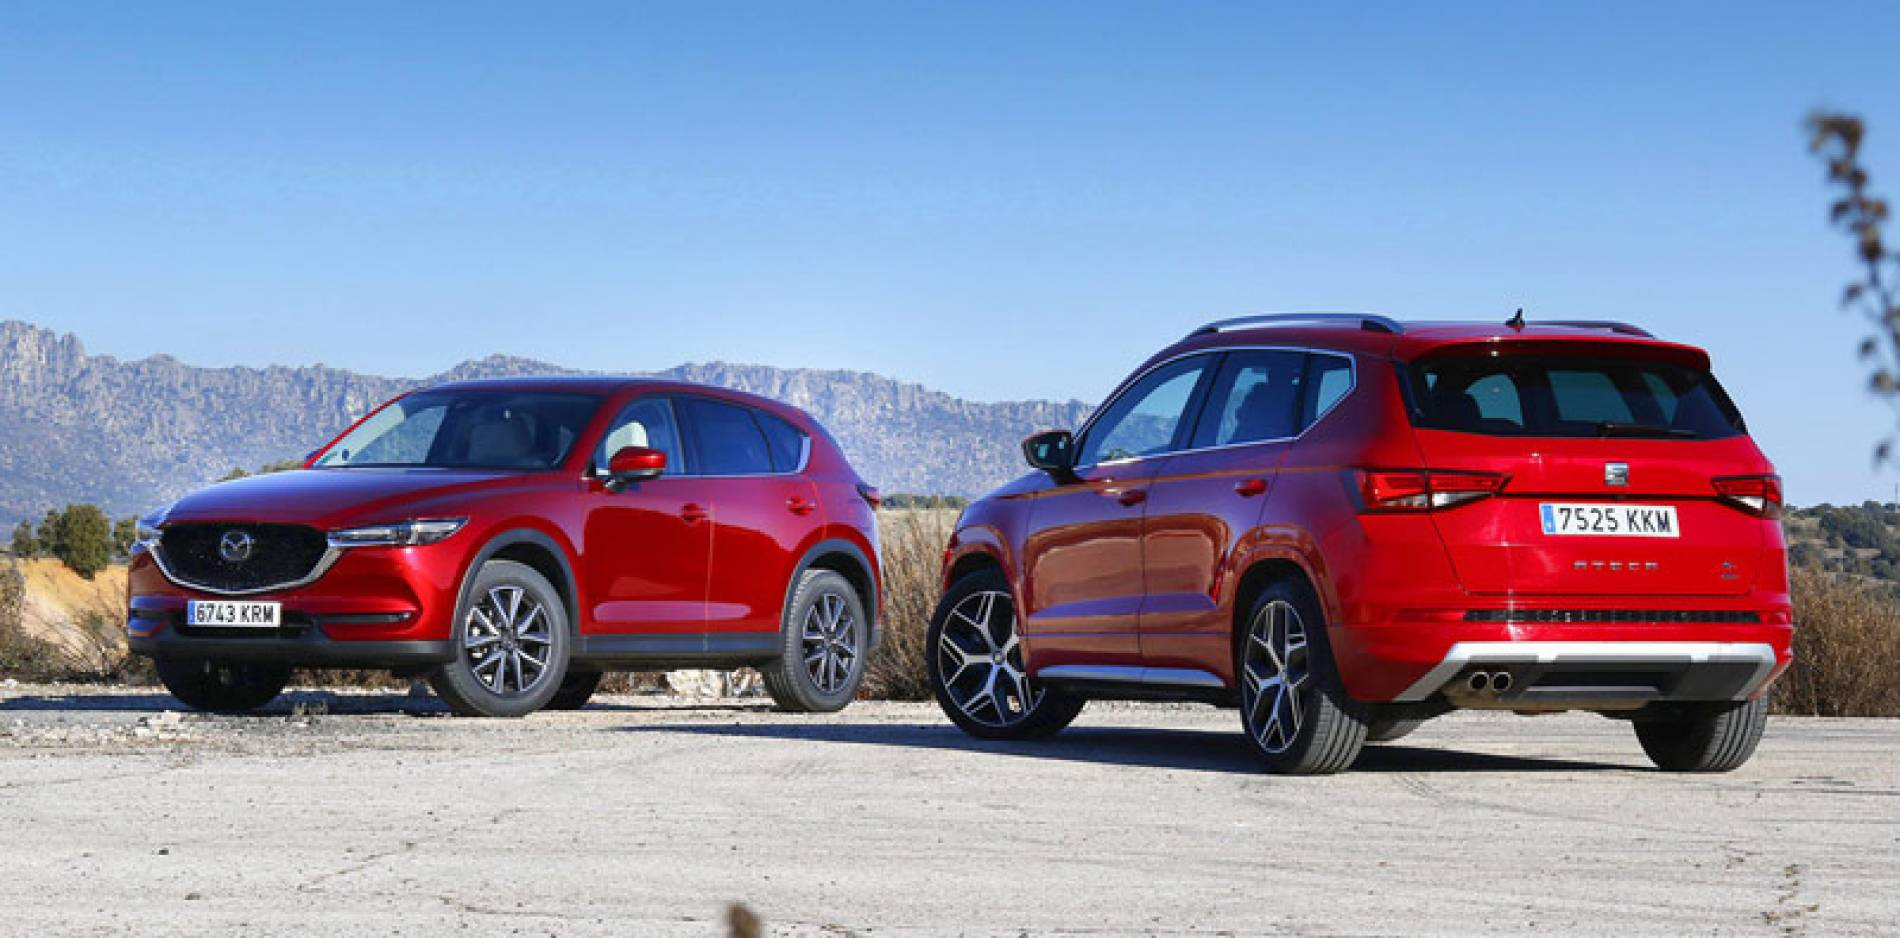 Comparativa SUV Mazda CX-5 vs. SEAT Ateca, caminos separados para un mismo fin